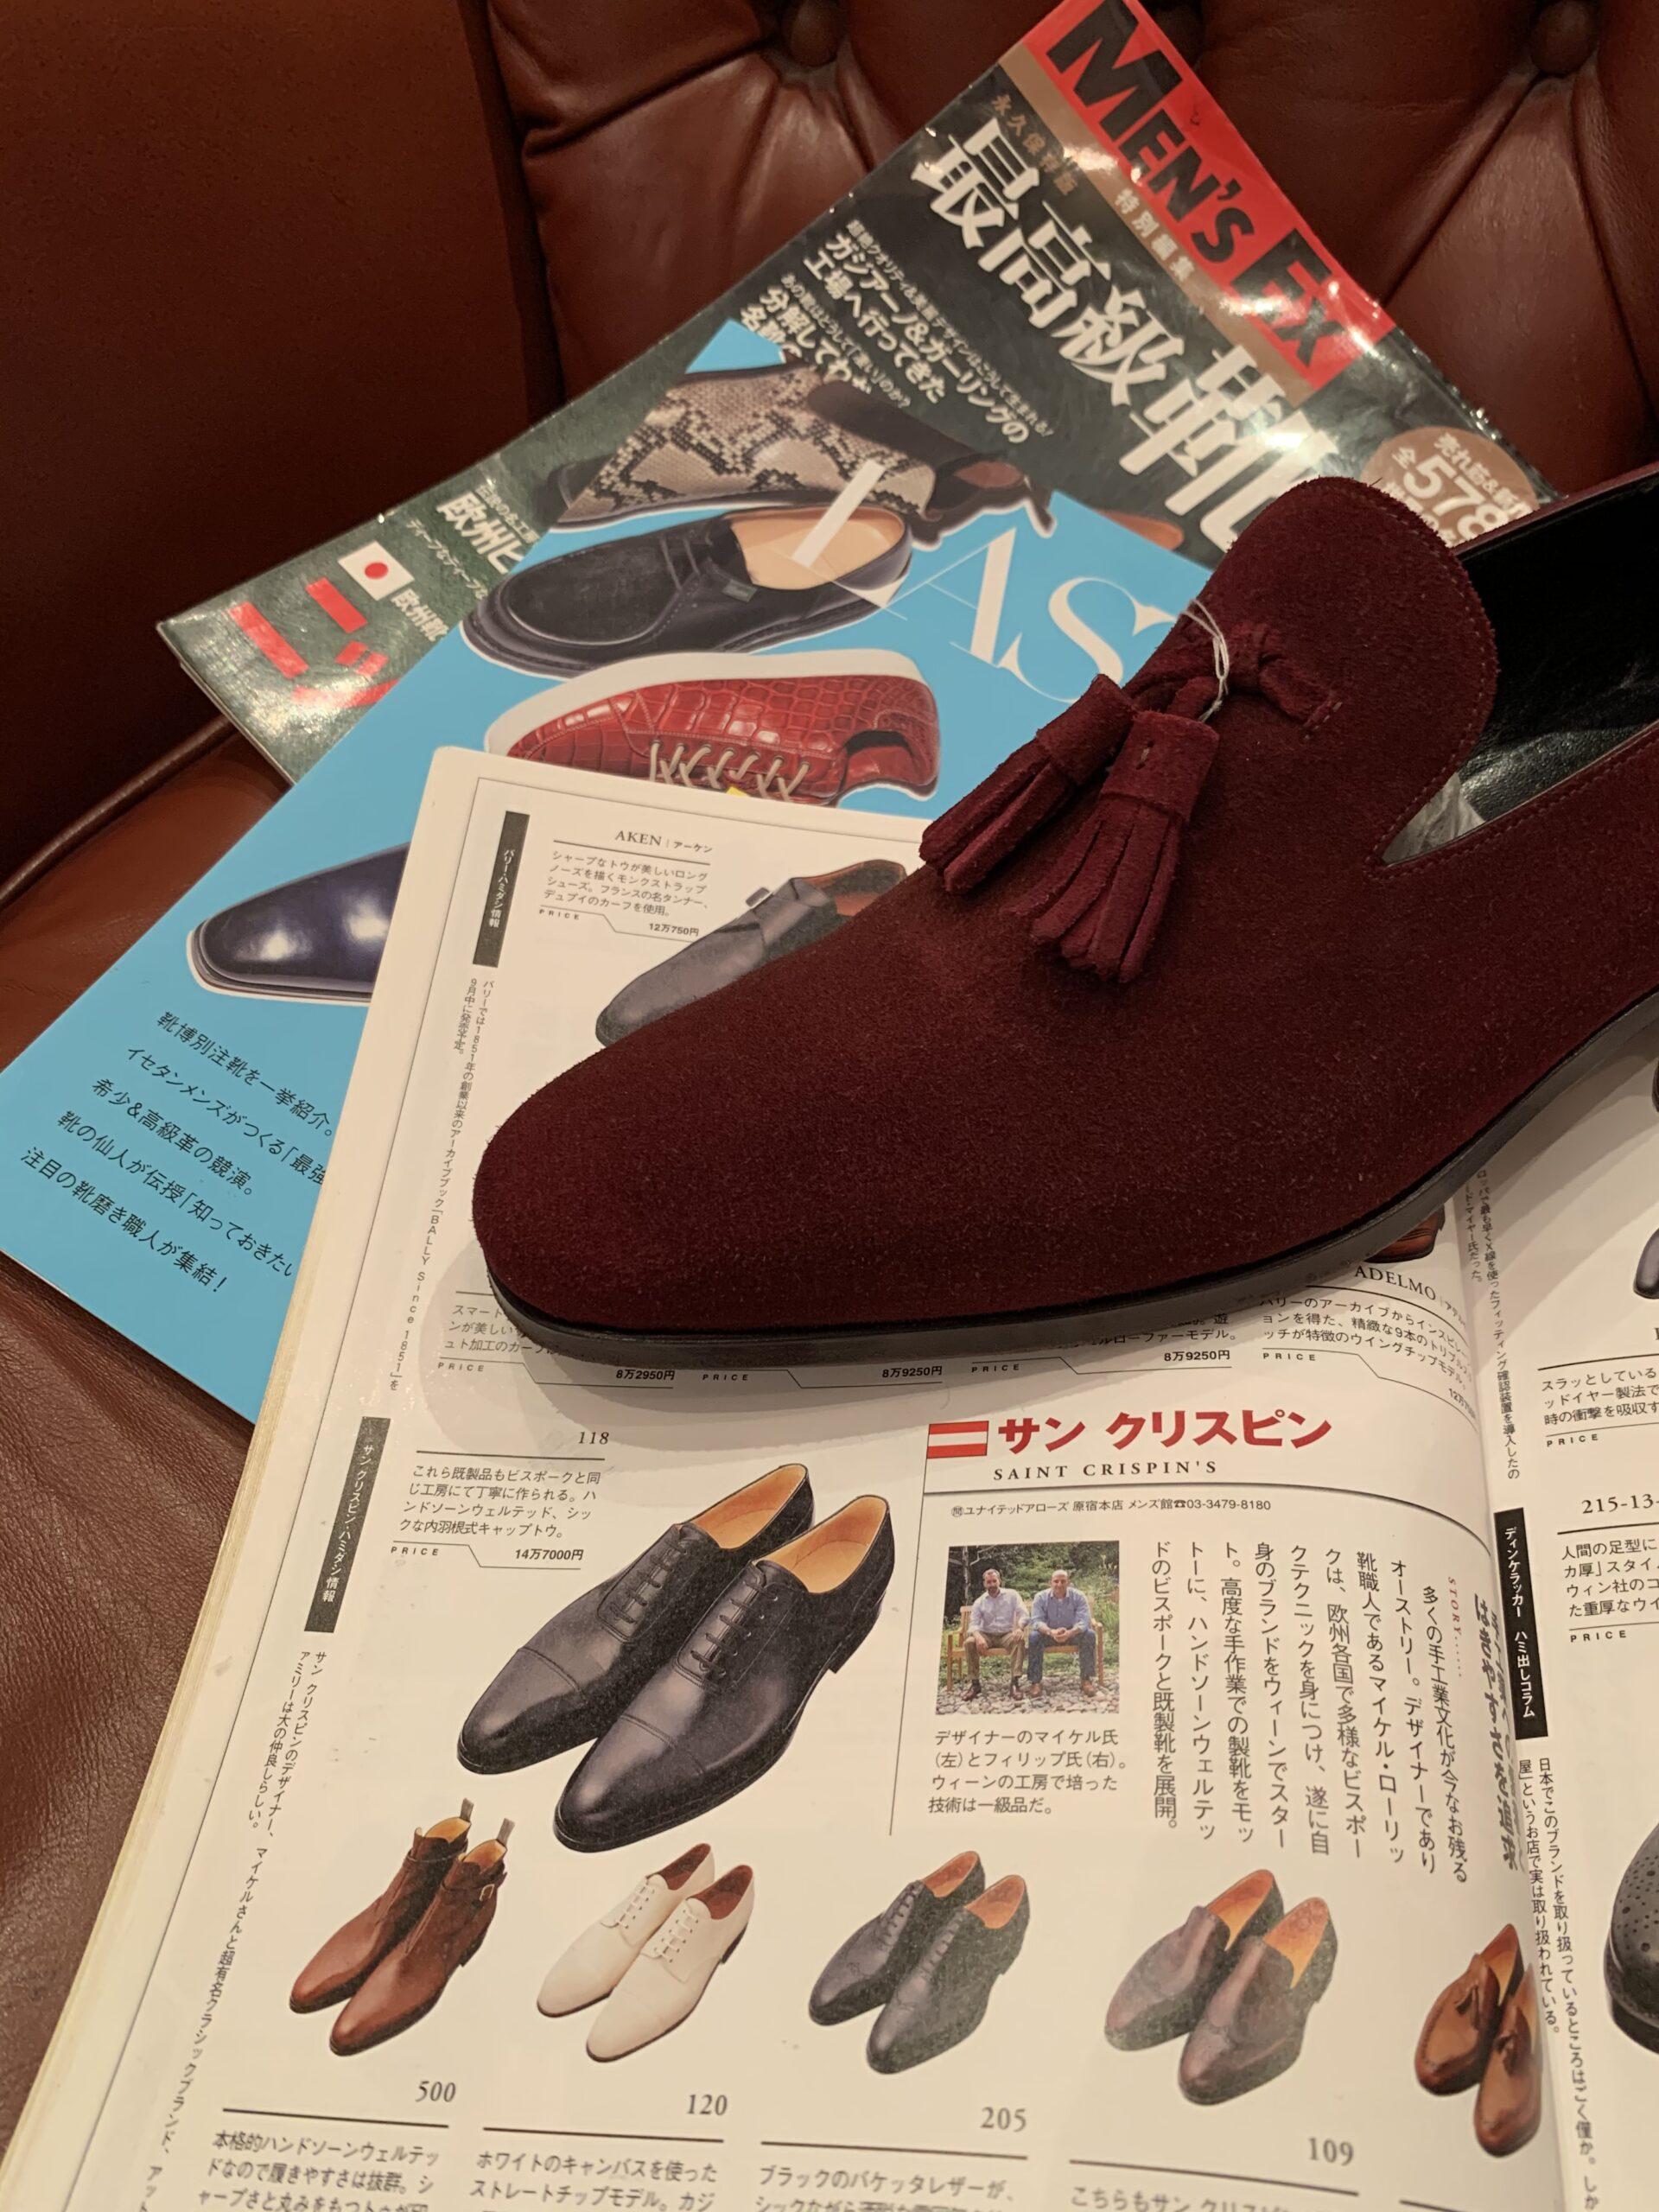 正統な紳士靴を嗜むvol.37〜東欧の聖なる靴サンクリスピン